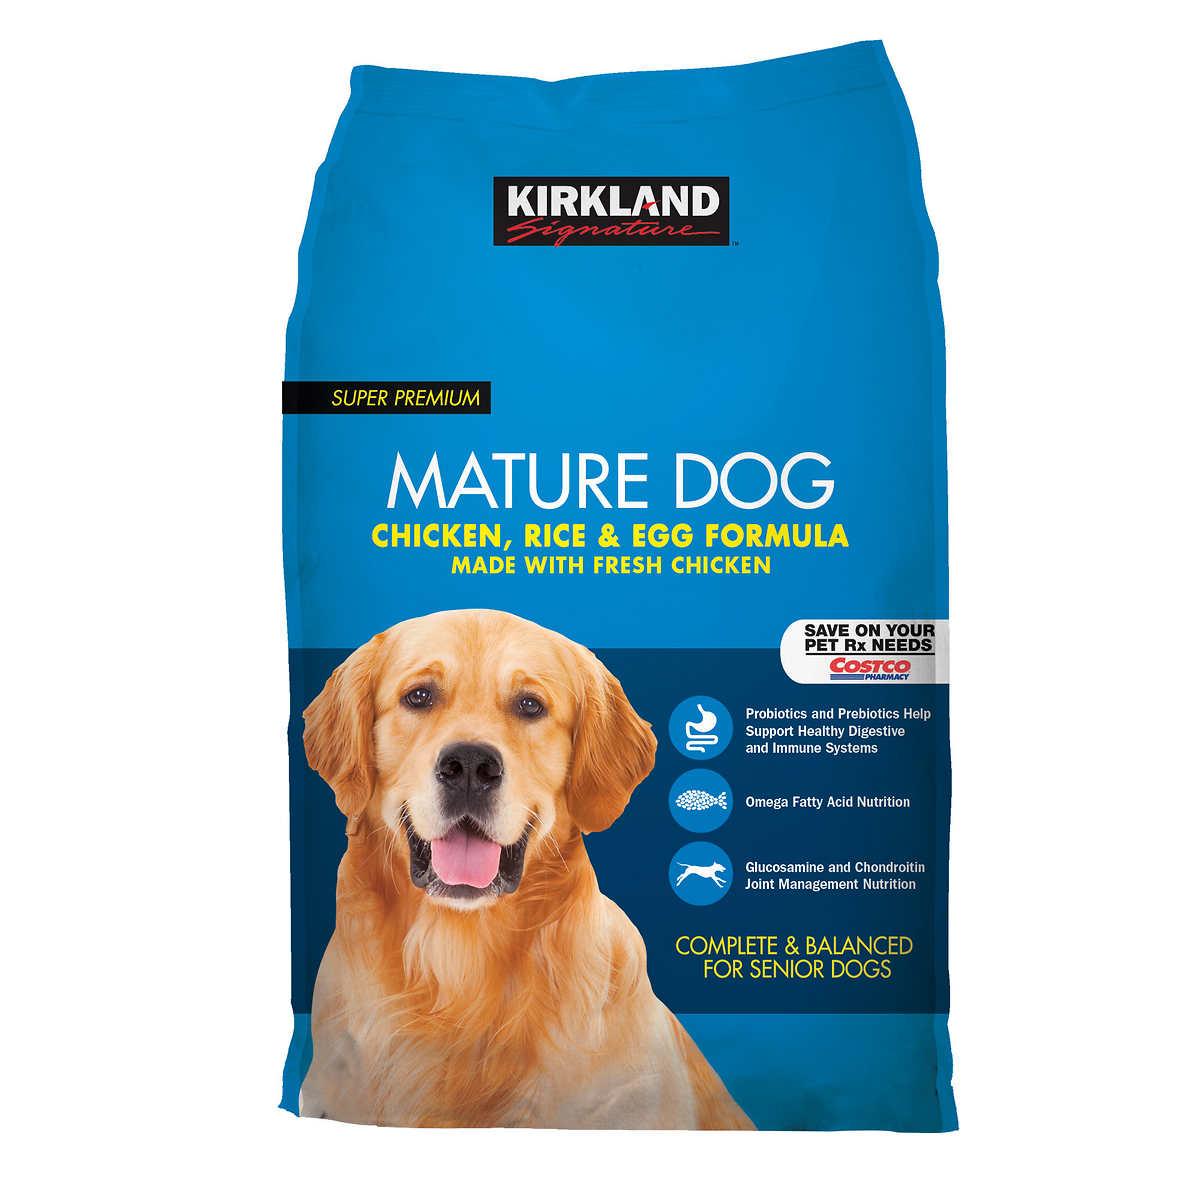 kirkland mature dog food review